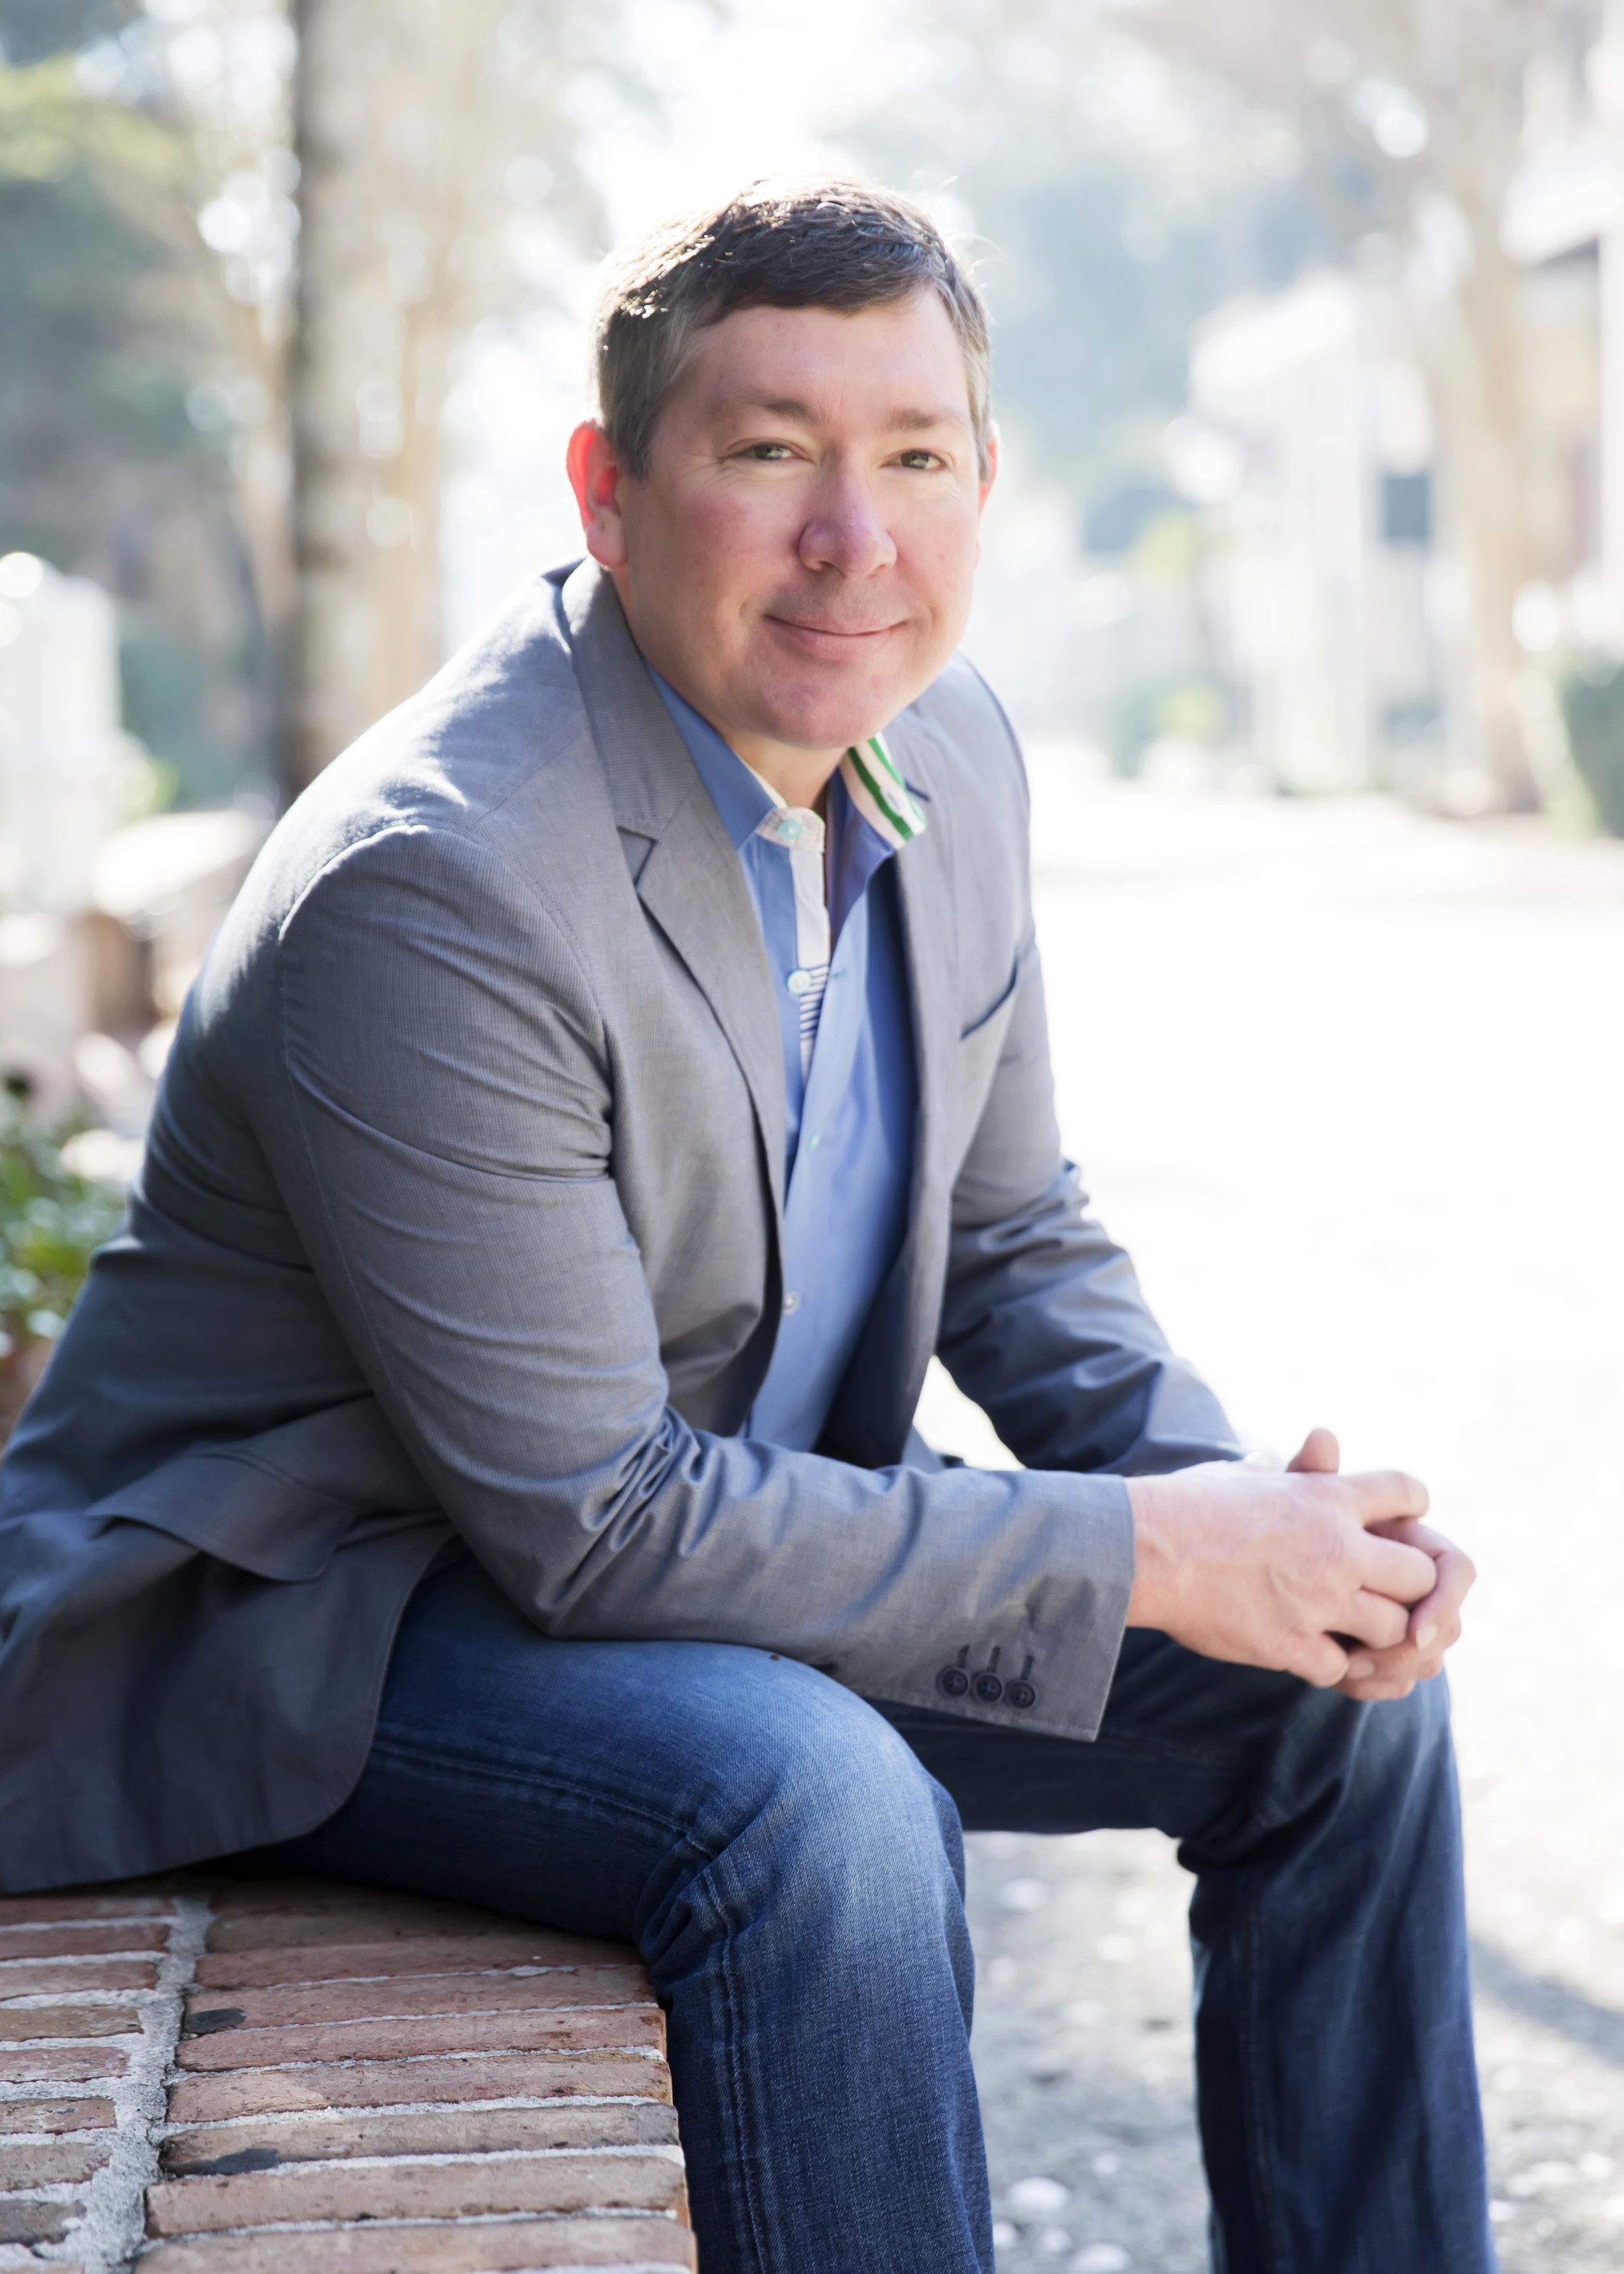 Judd S. Jackson, Managing Partner